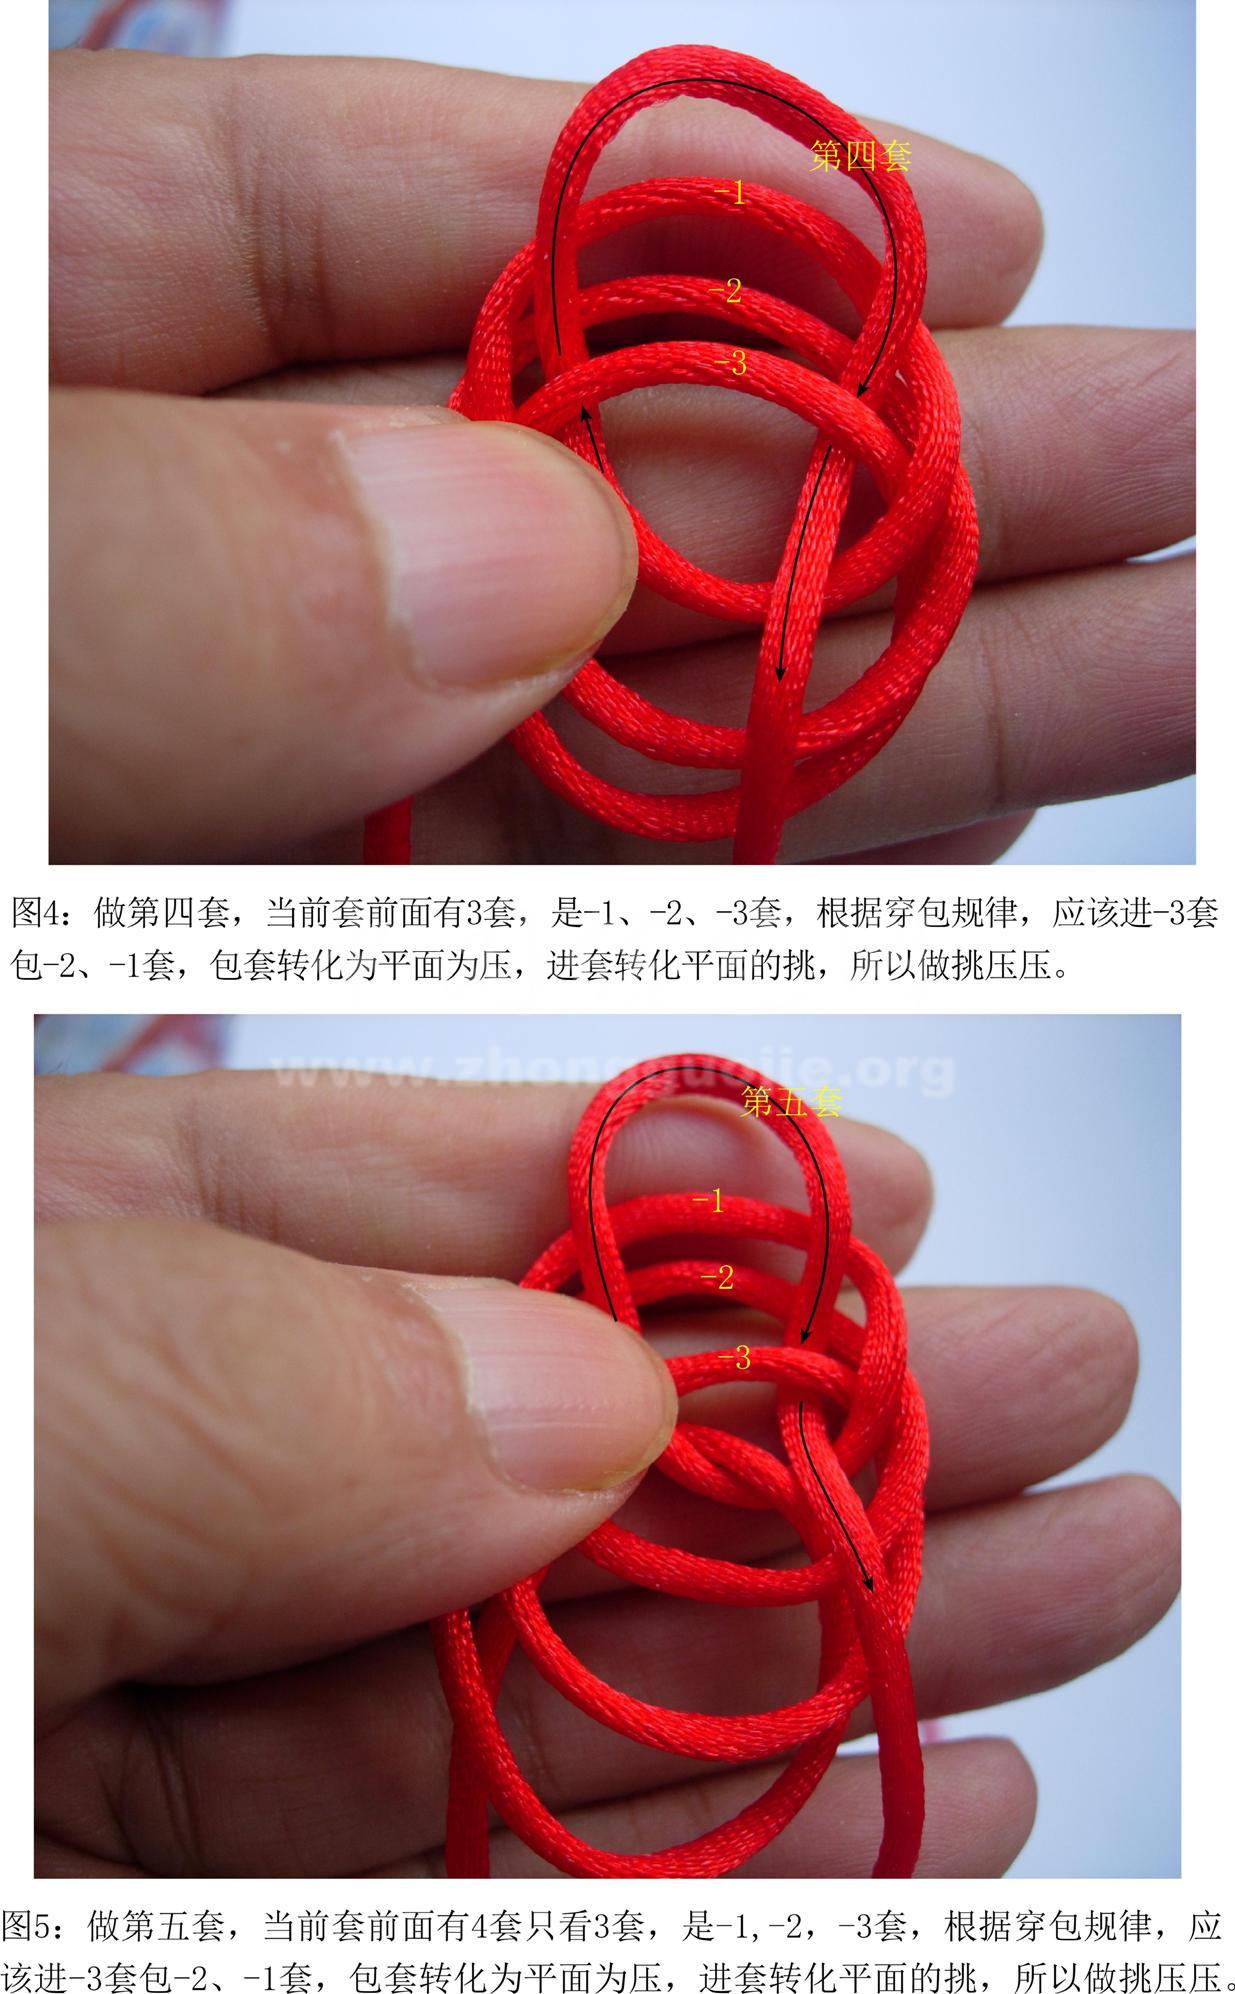 中国结论坛 8套1-2星辰结徒手编结过程  丑丑徒手编结 123509jlx4xx3hl7t6mn61